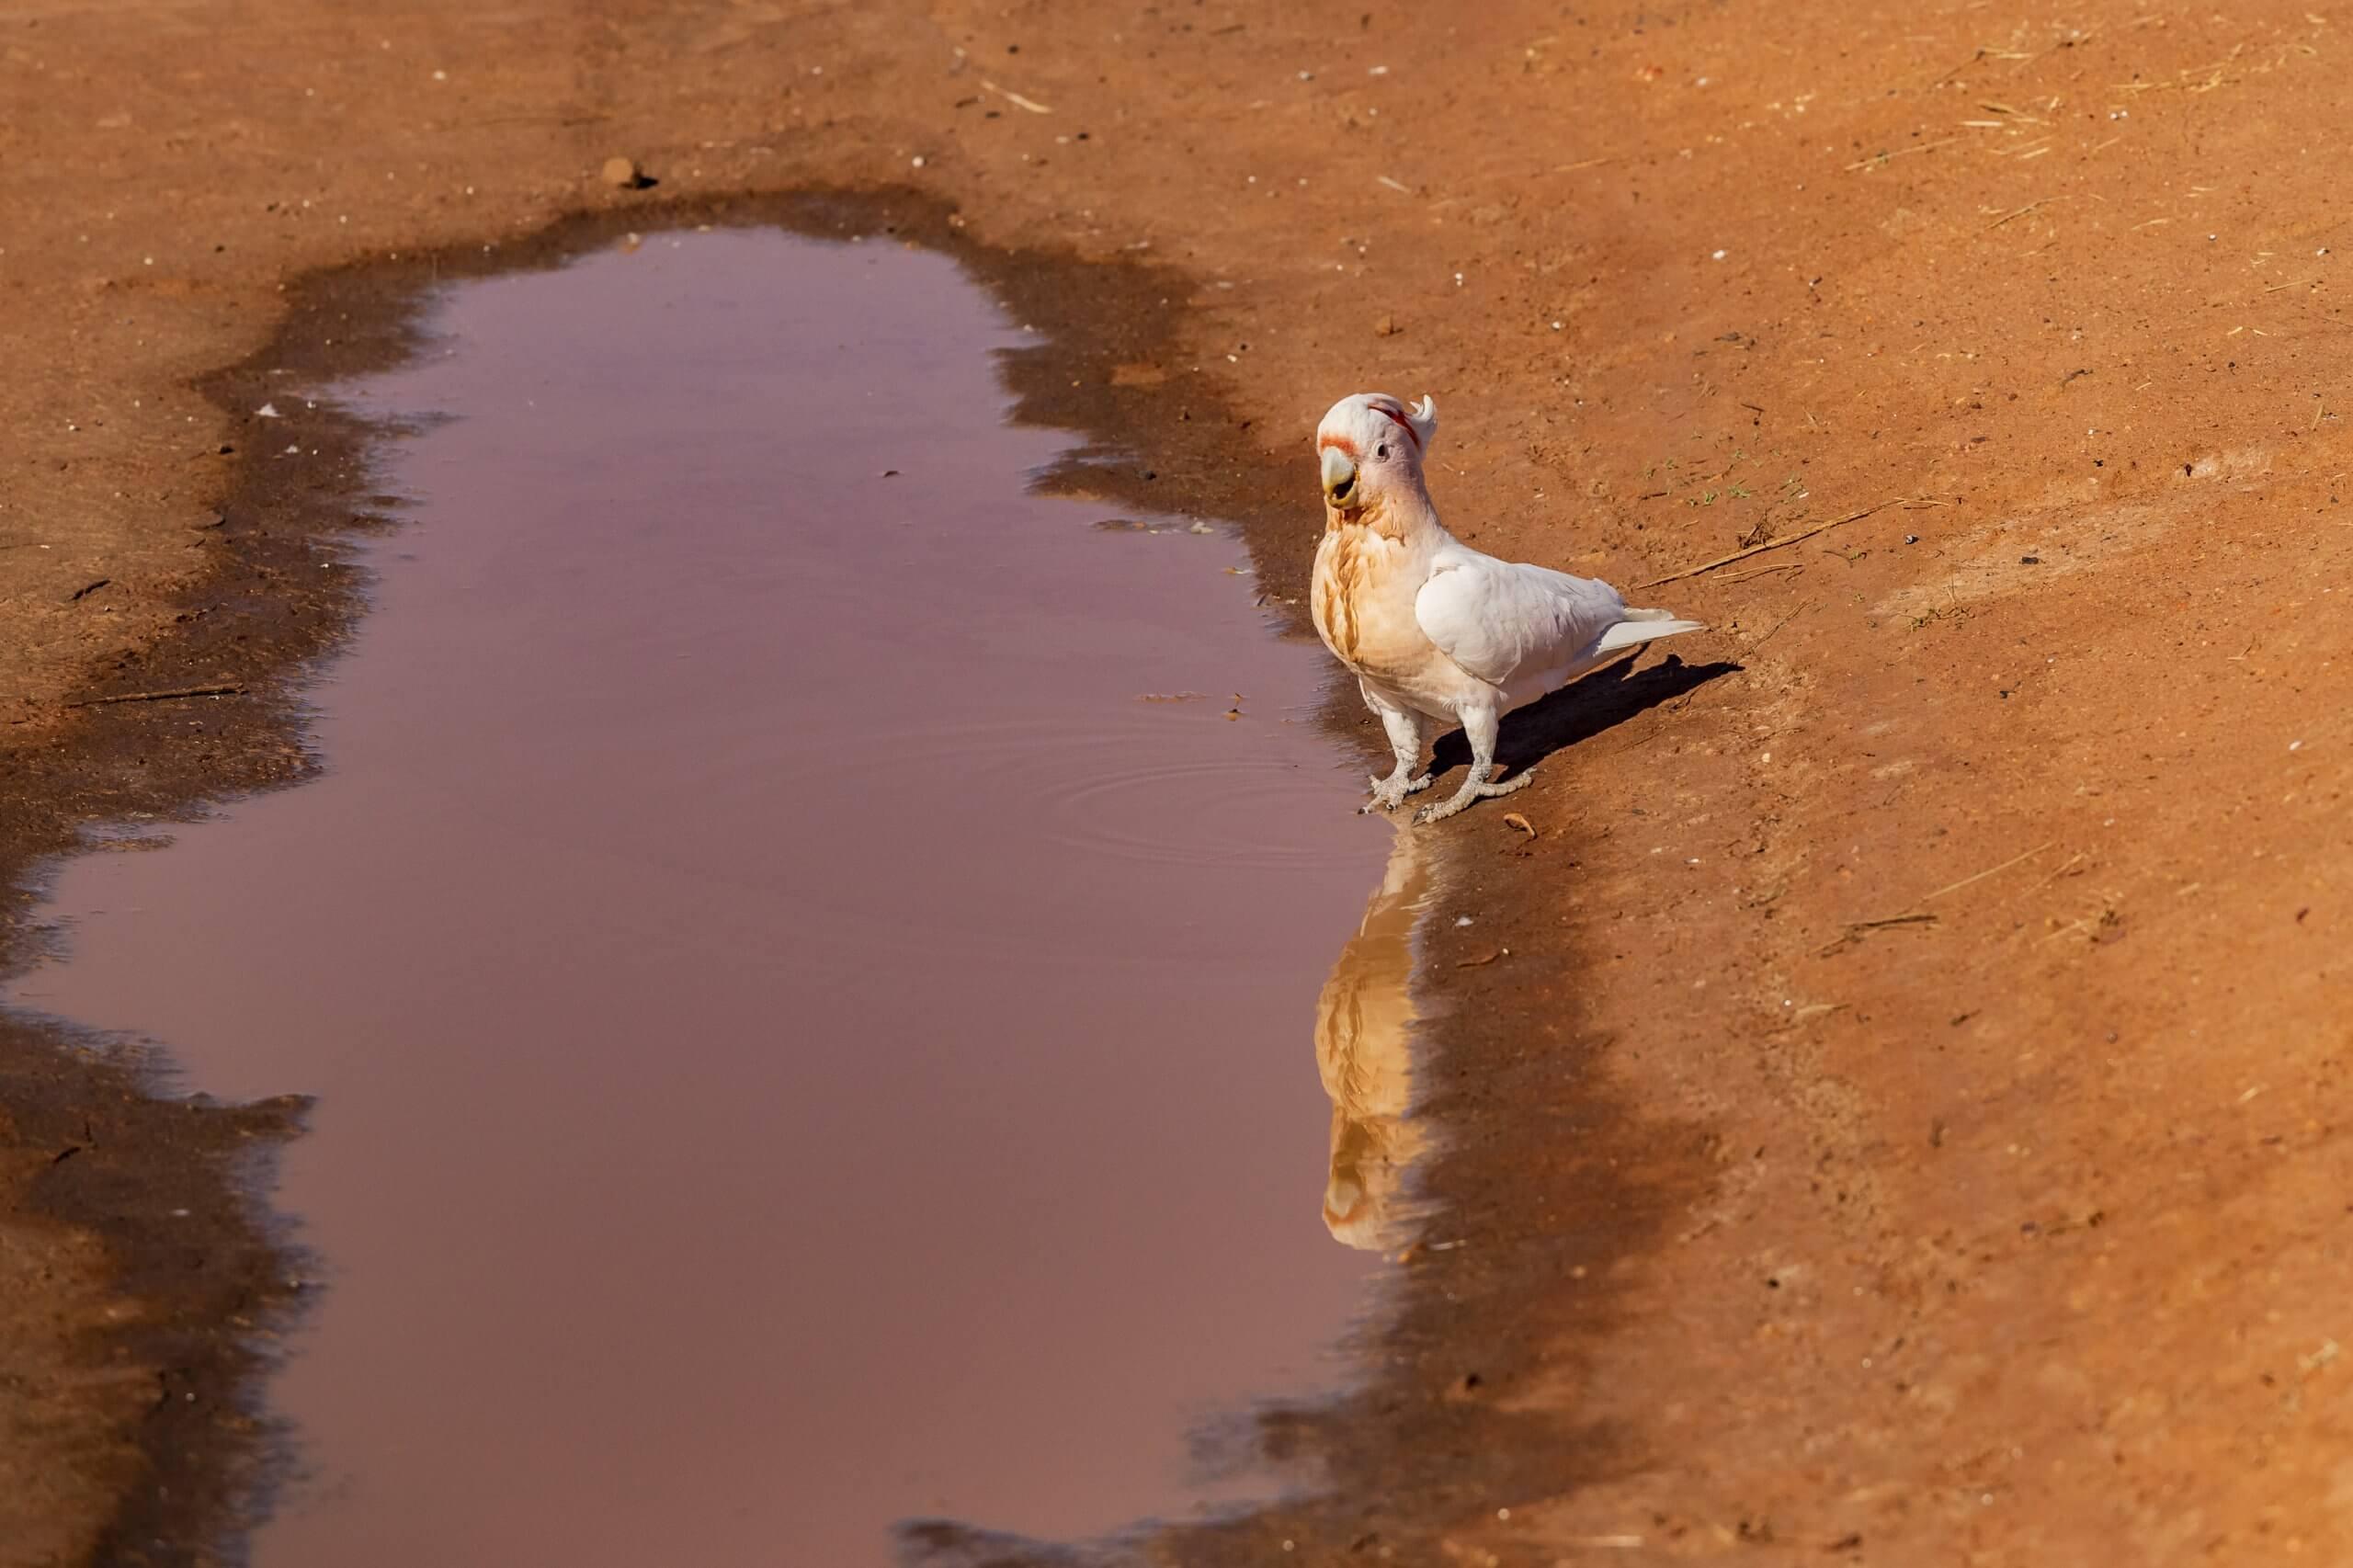 Papageien sind im Outback keine Seltenheit